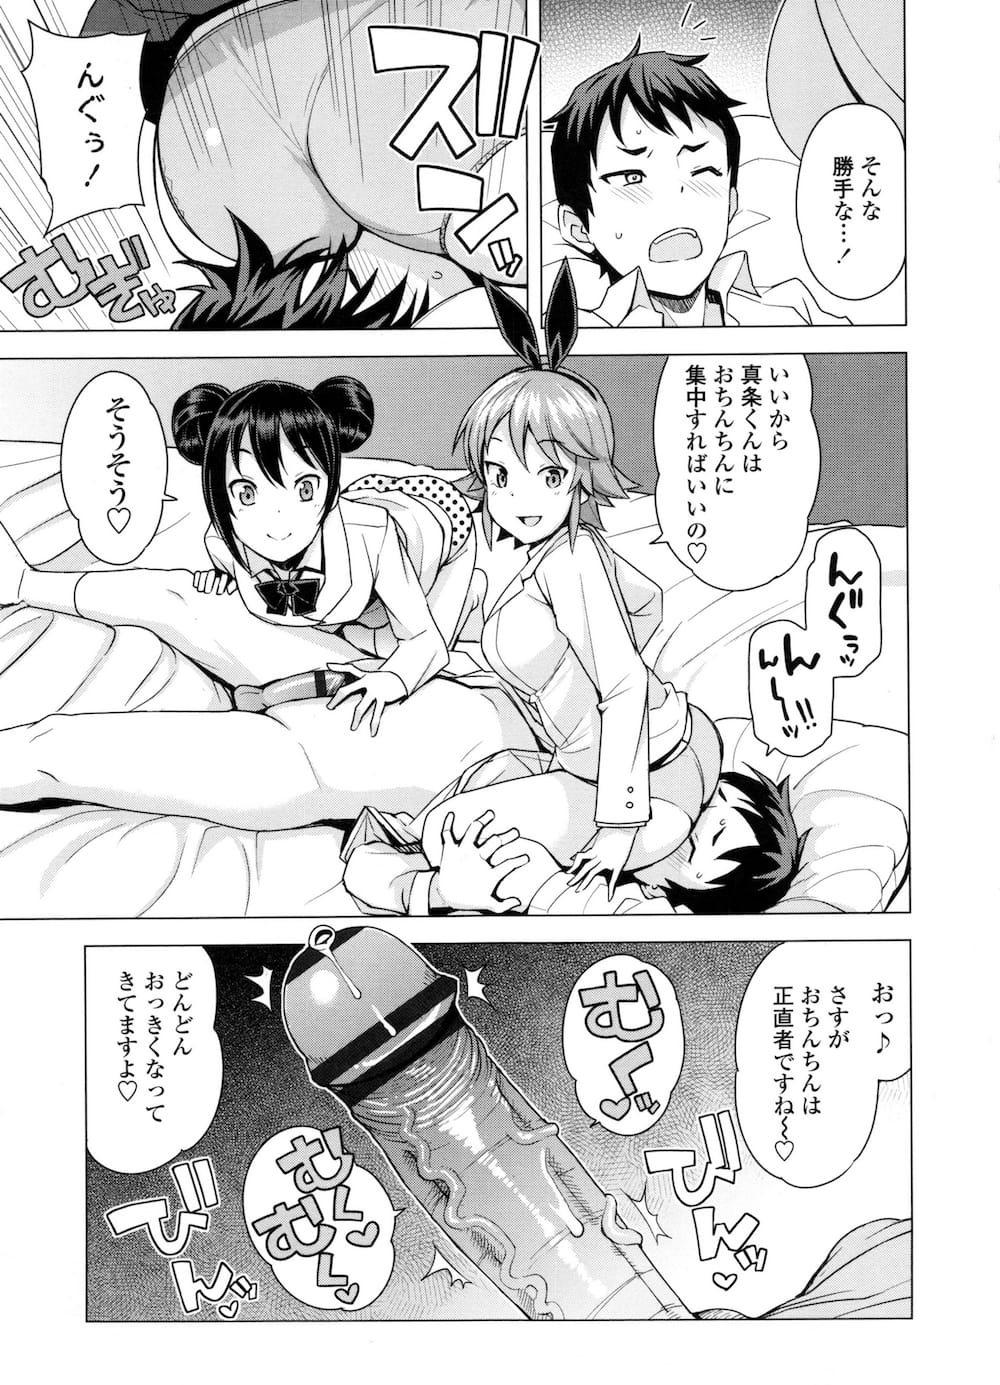 【エロ漫画・同人誌】ビッチ女子に勉強を教えたらそのお礼にとキスされてその後にカラオケでセックス♪